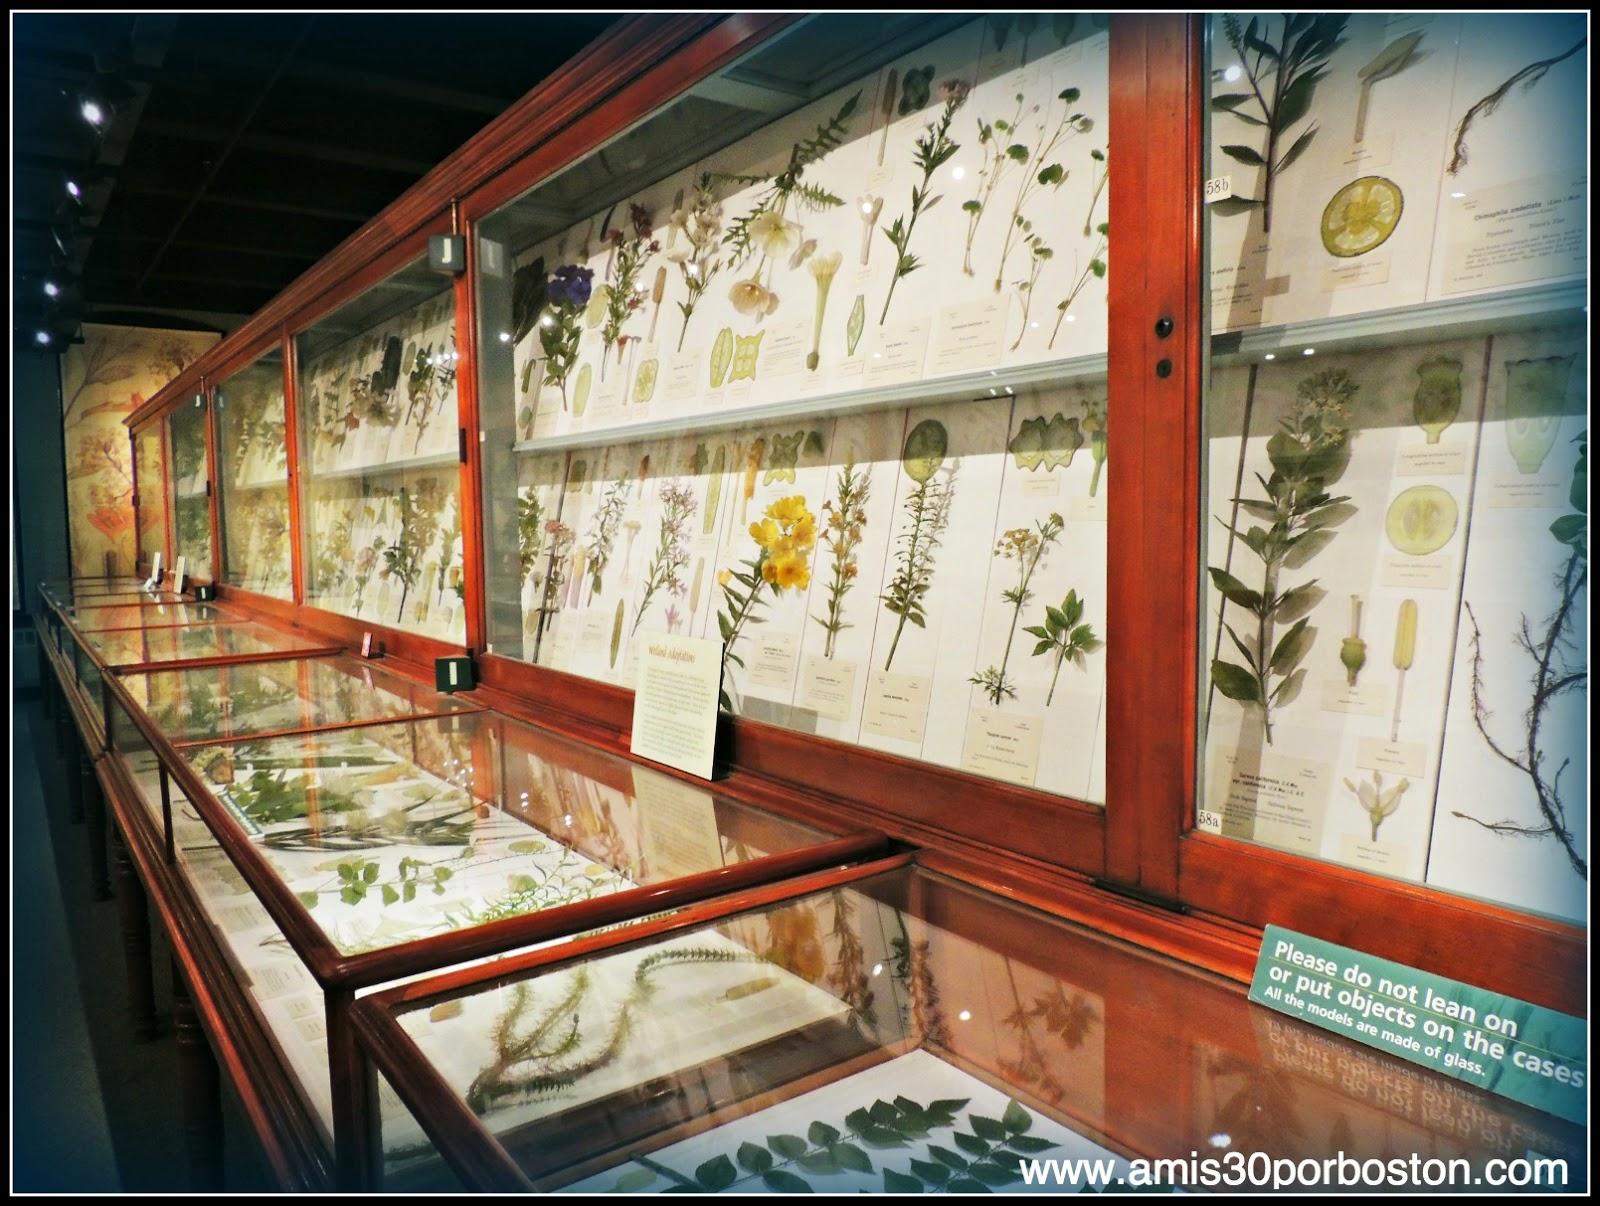 Las Flores De Vidrio del Harvard Museum of Natural History